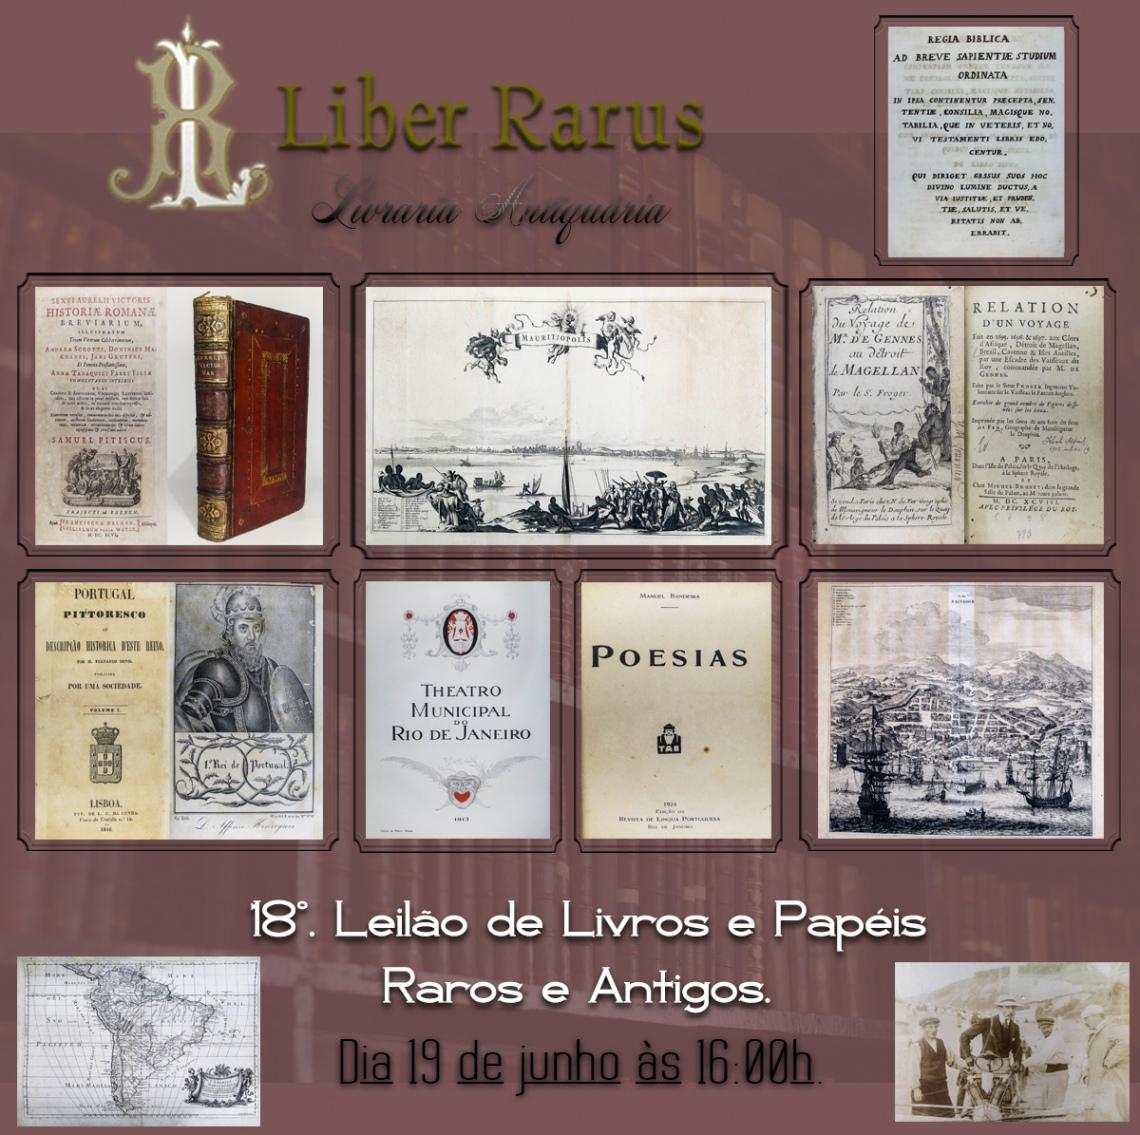 18º Leilão de Livros e Papéis Raros e Antigos - Liber Rarus - 19/06/2021 - 16h00